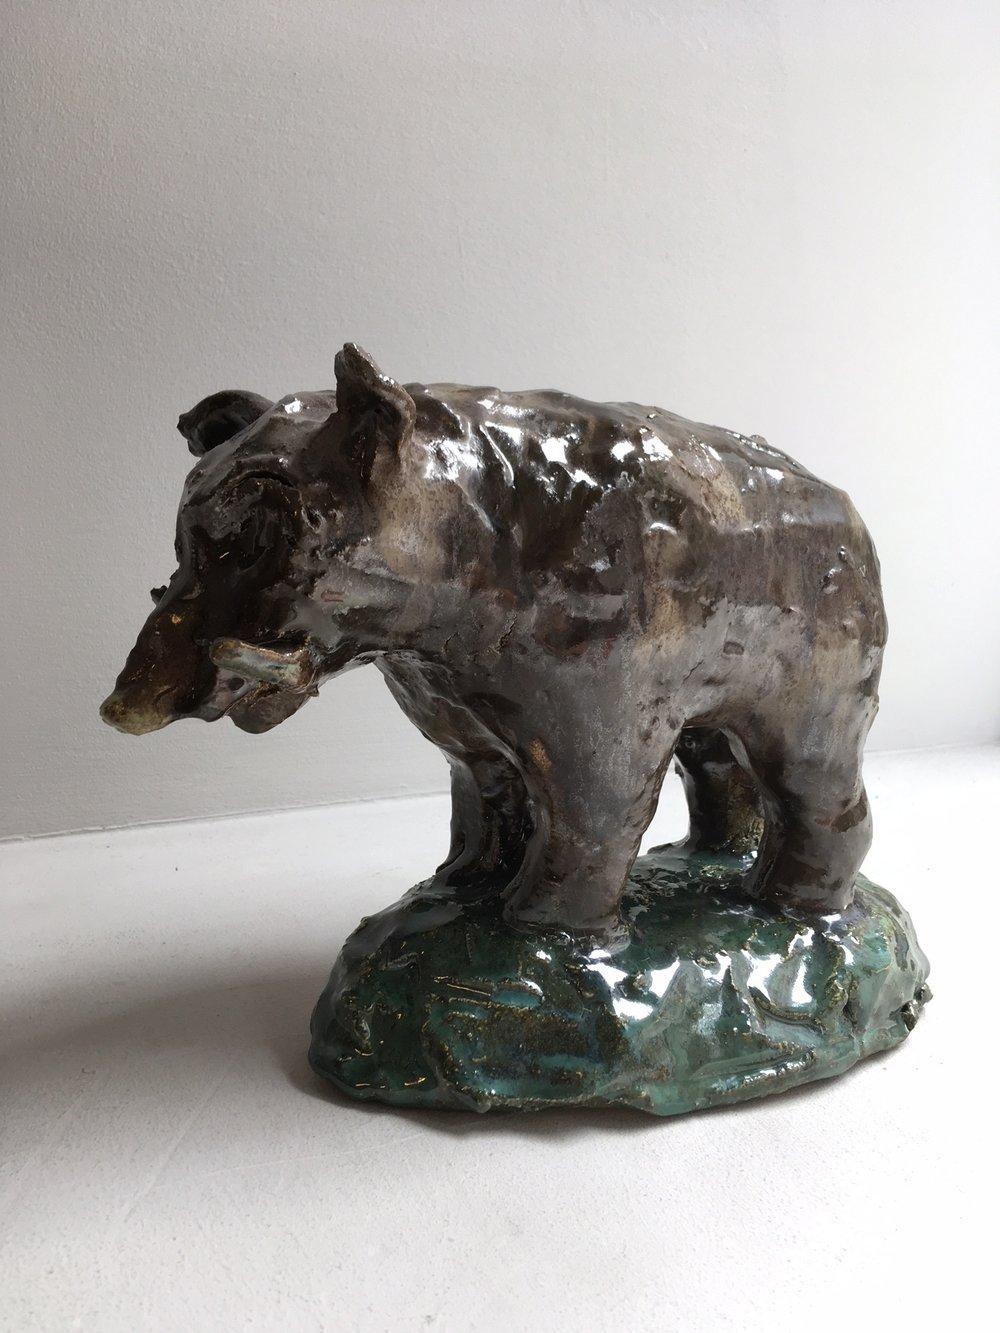 Porquinho-da-índia, 2018; Glazed stoneware; 19,5 x 26,5 x 11 cm